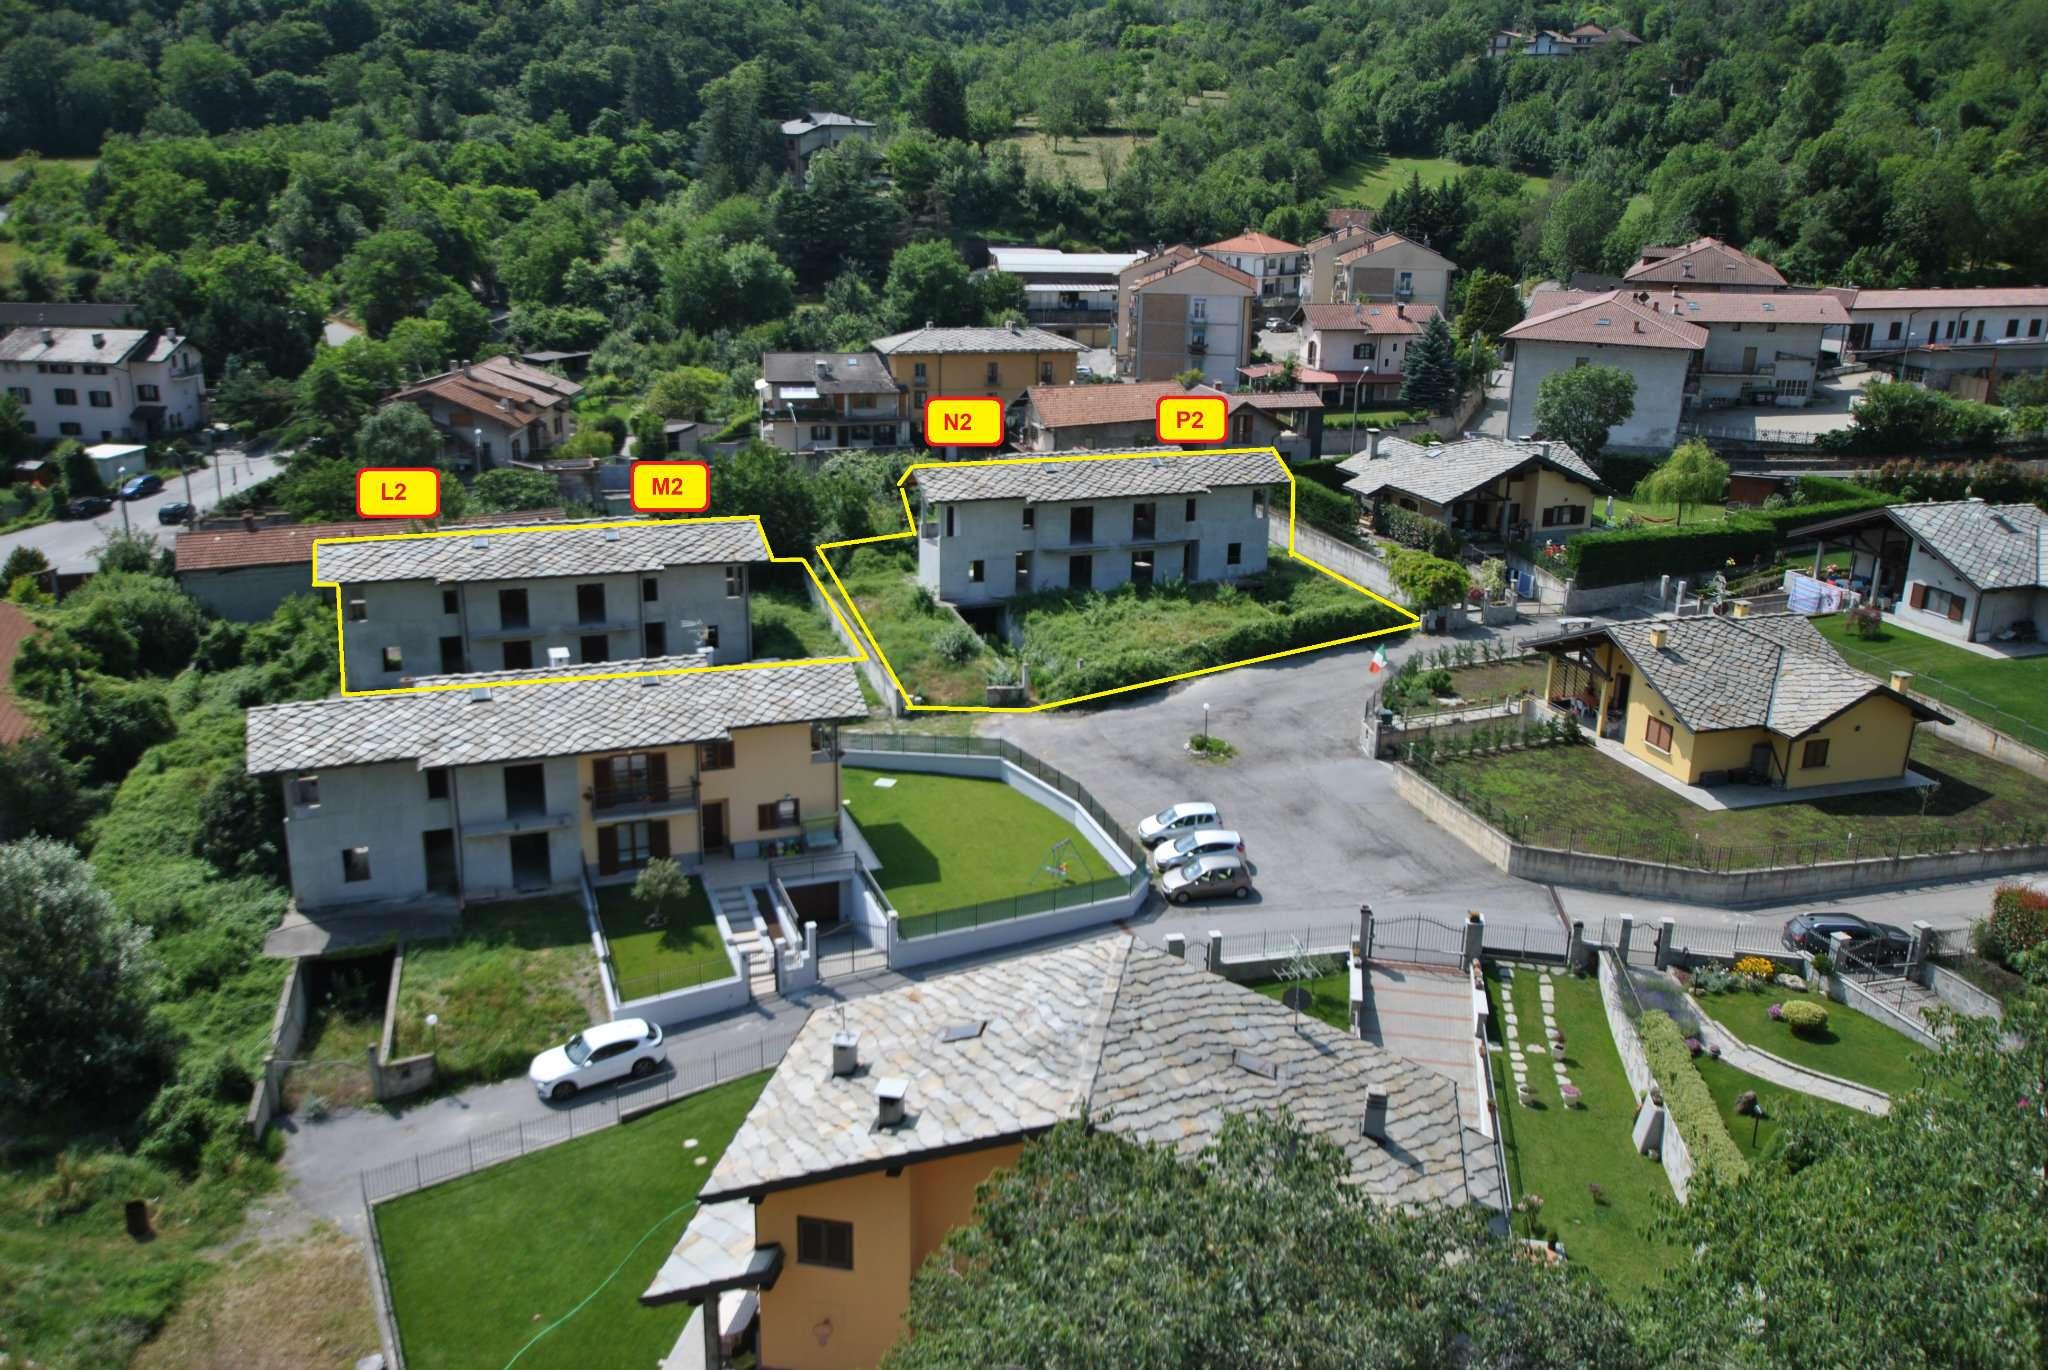 Villa Bifamiliare in vendita a Susa, 5 locali, prezzo € 95.000 | CambioCasa.it